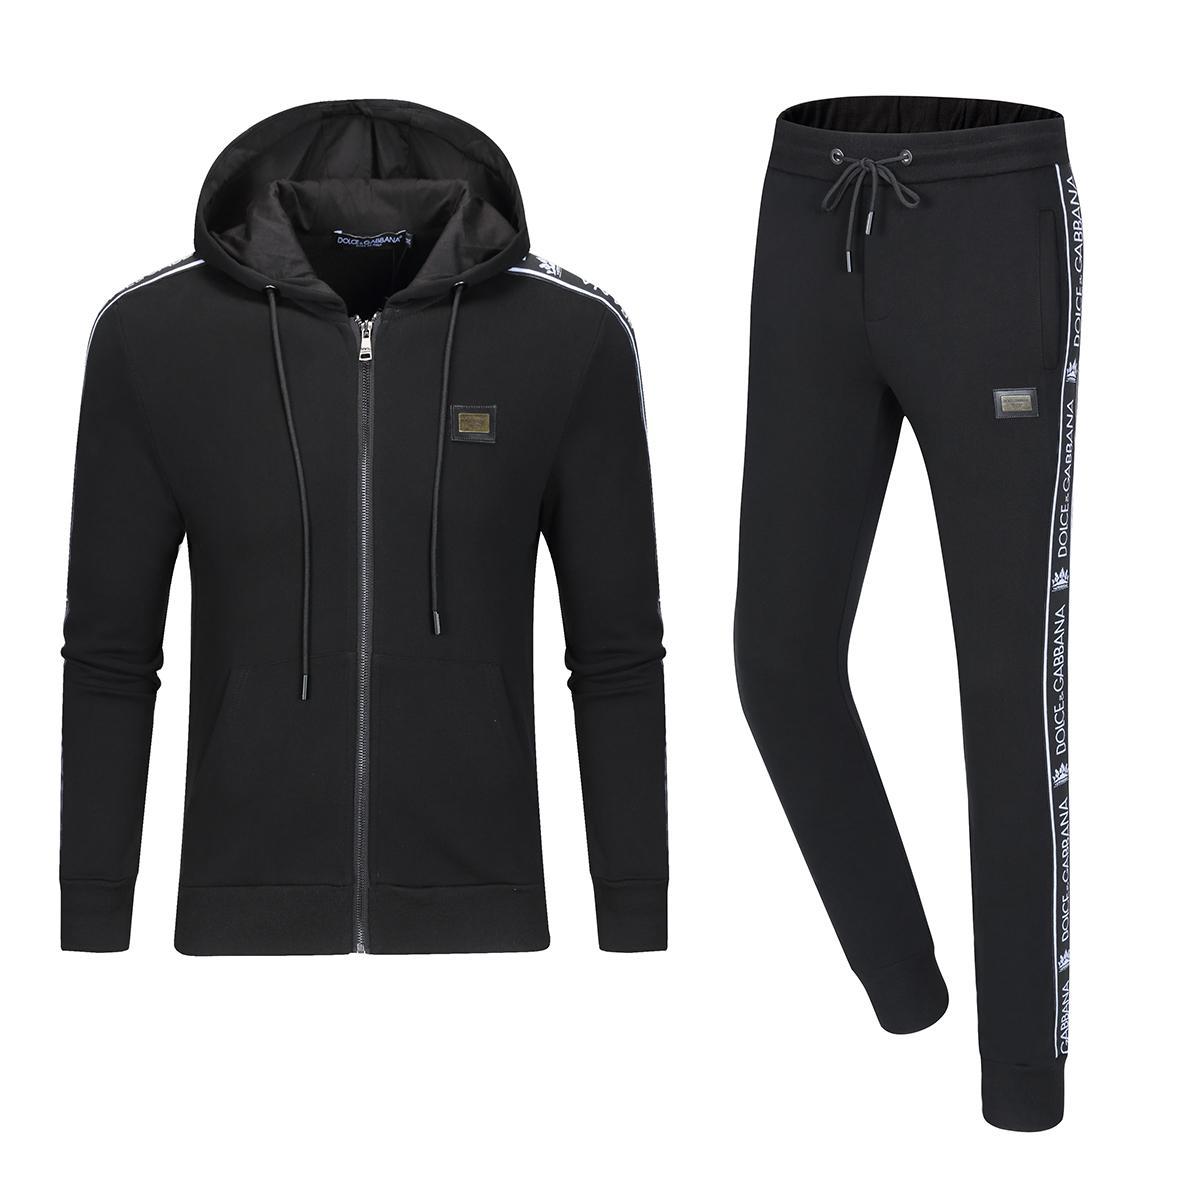 2020 남성 필립 일반 슬림 럭셔리 스포츠-H2 인쇄 남성 스포츠 정장 편지를 실행 긴 소매 운동복 재킷 세트 패션에 맞는